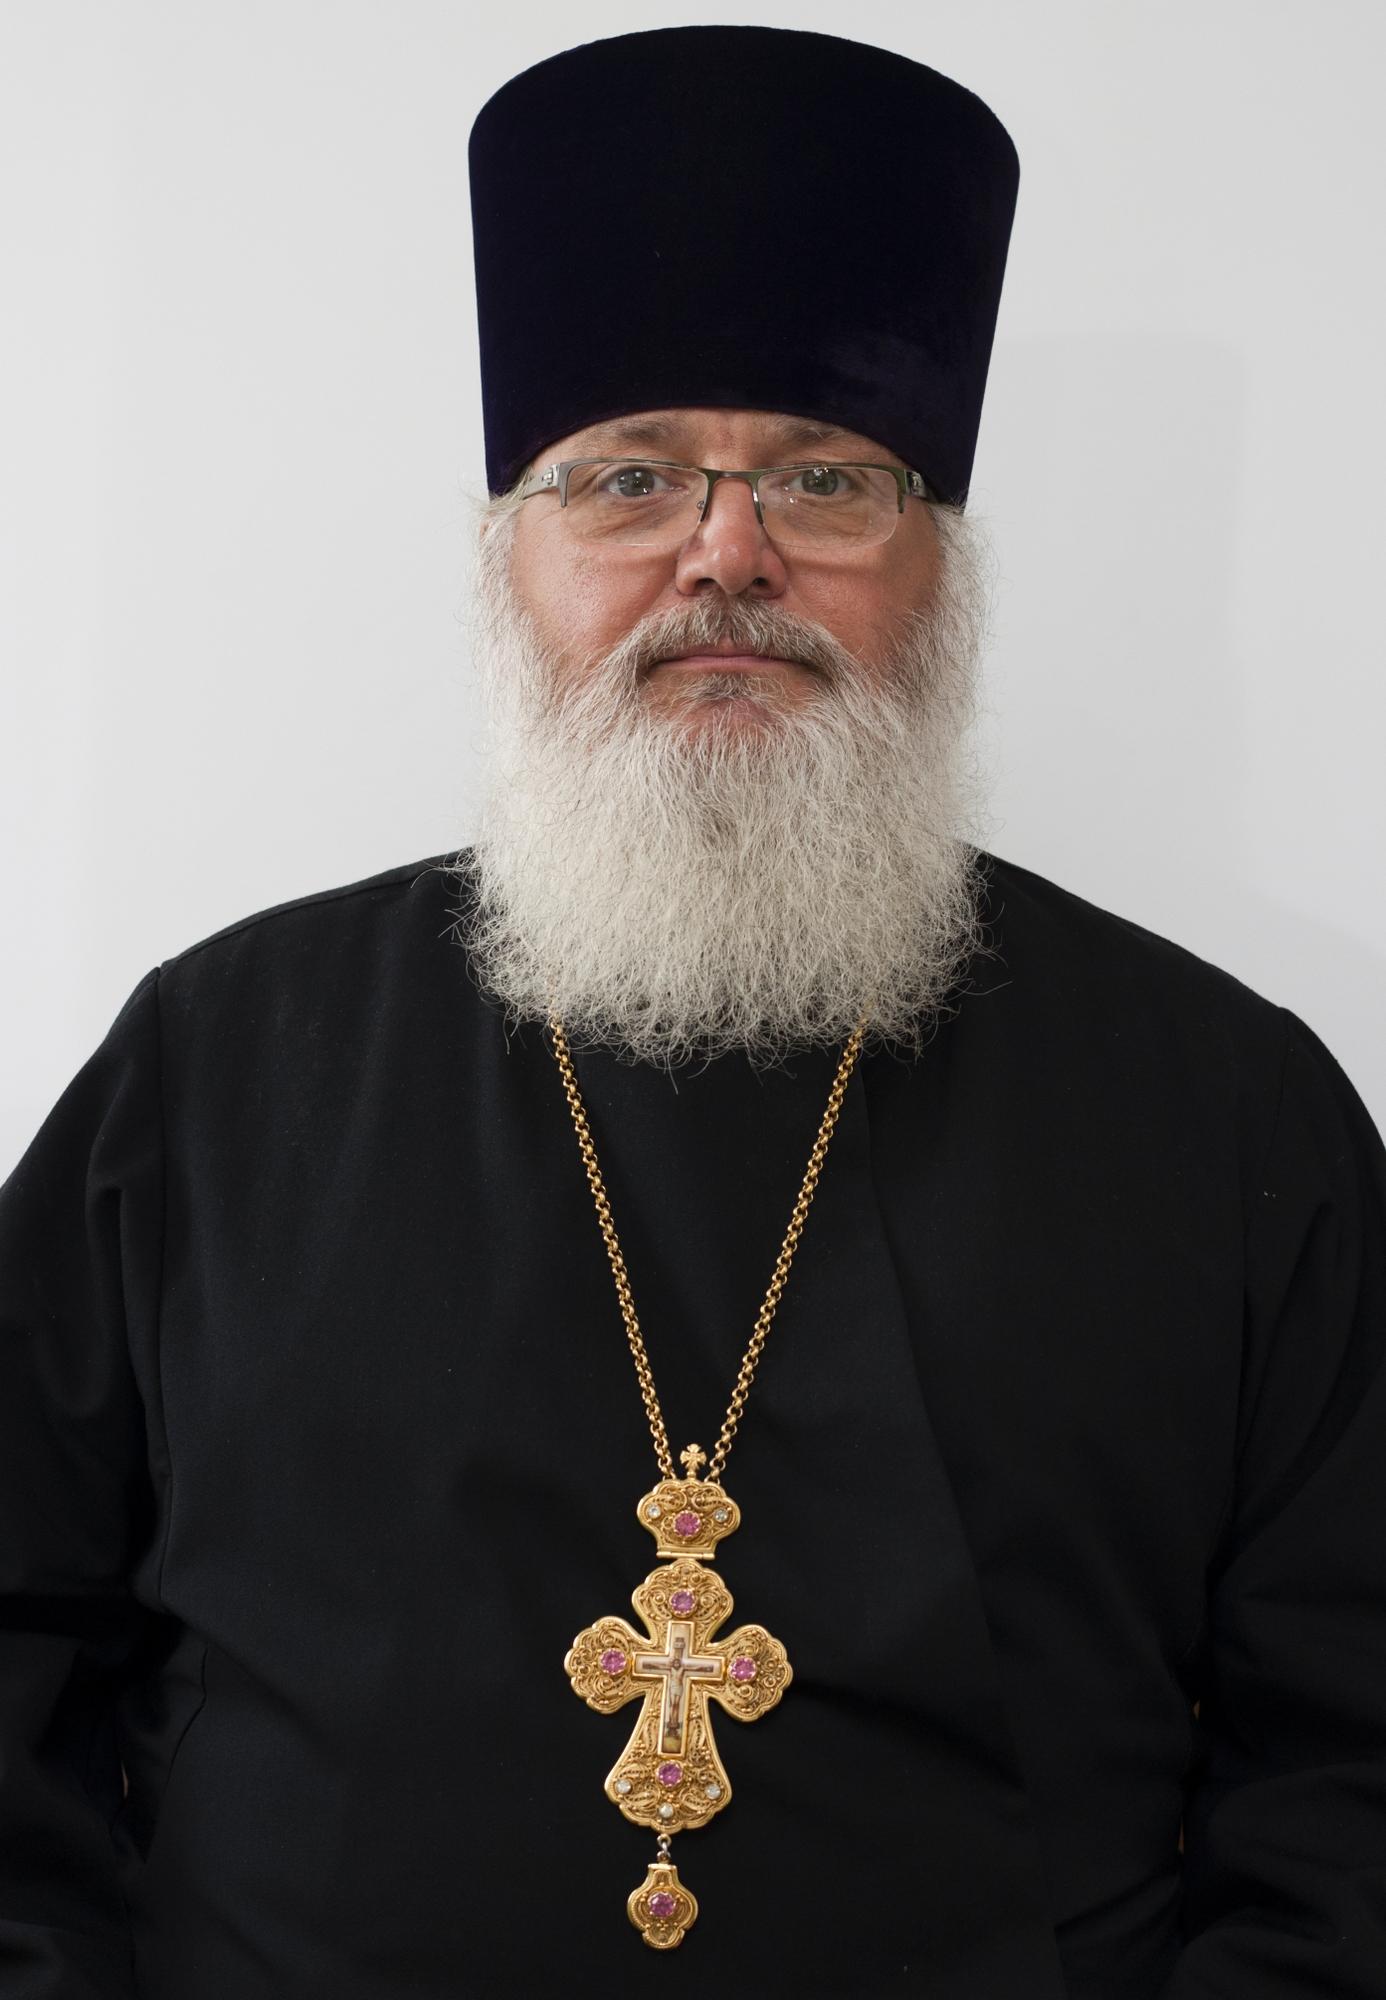 Протоиерей Валерий Николаевич Наволокин